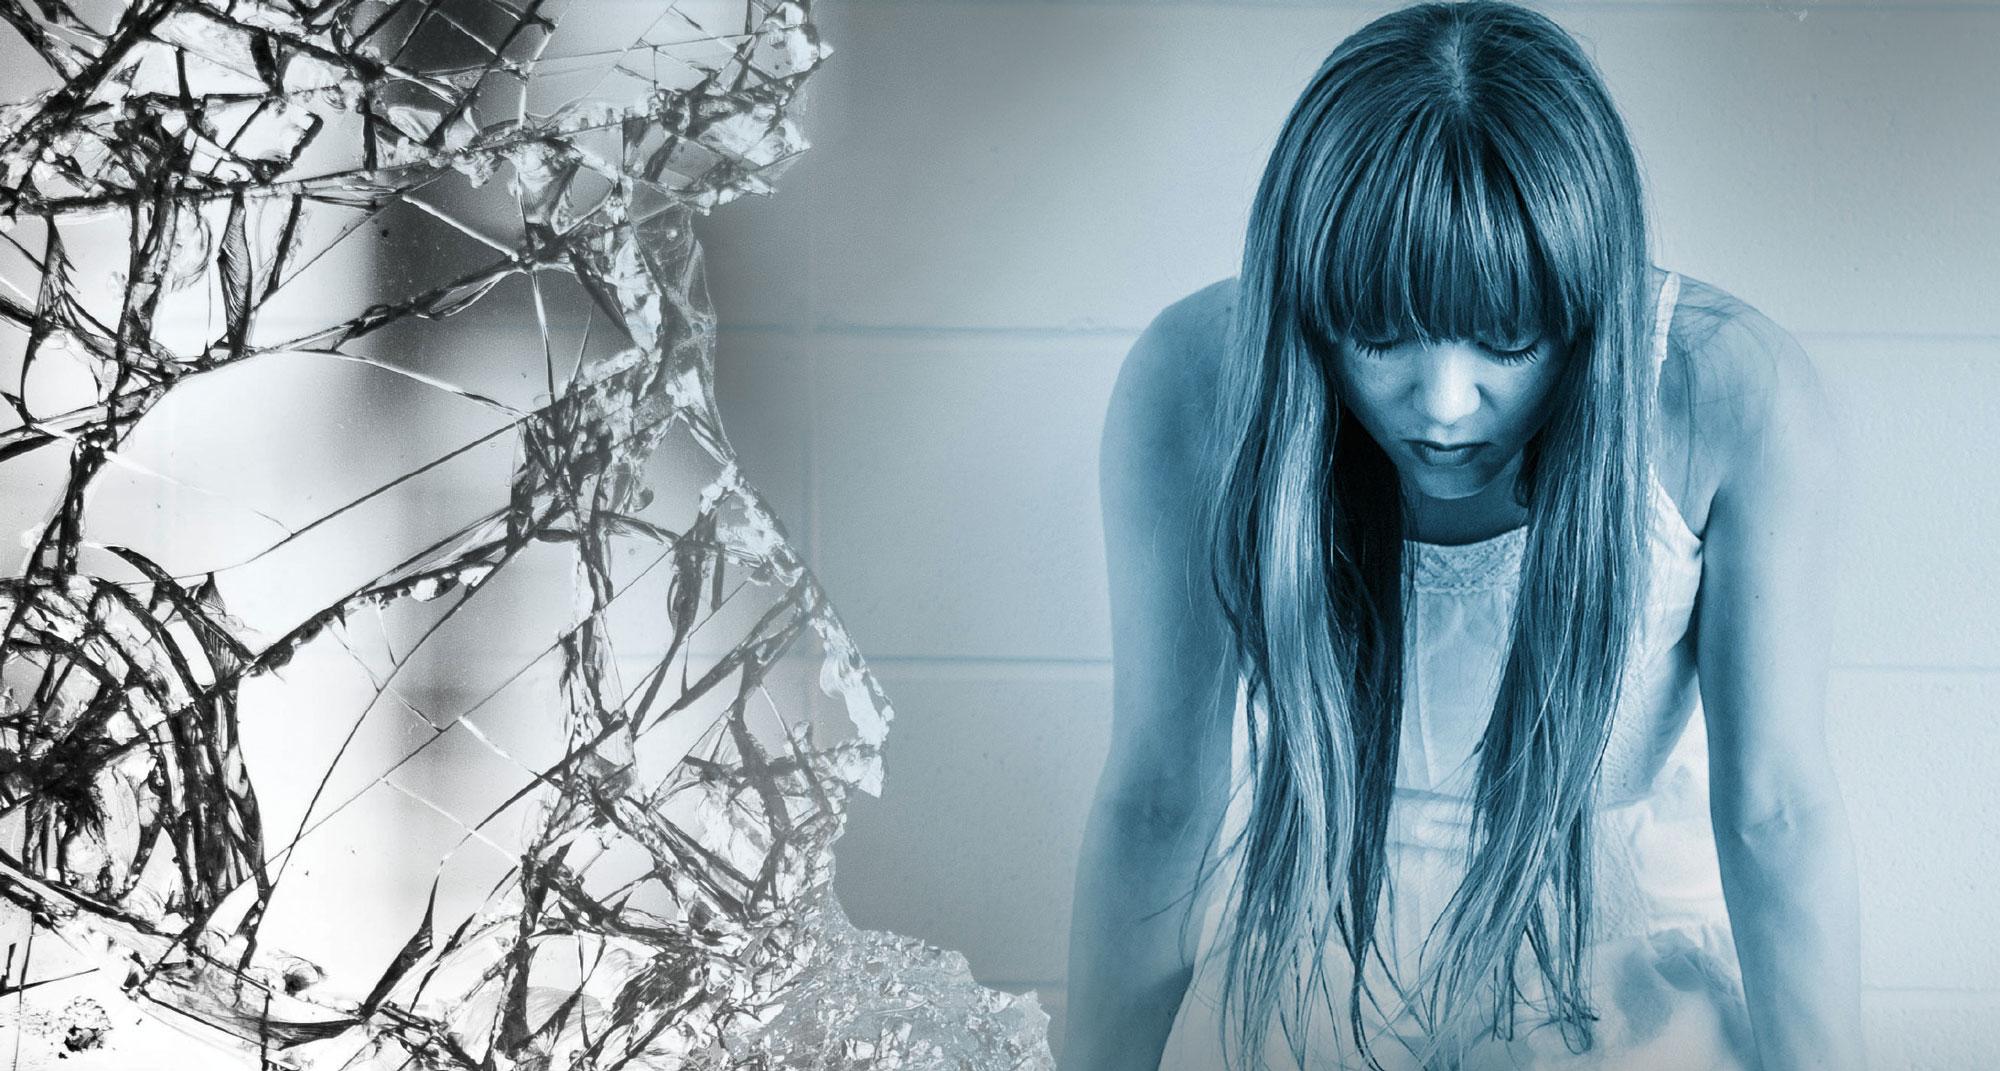 Il Trauma Inelaborato, Generatore Di Violenza